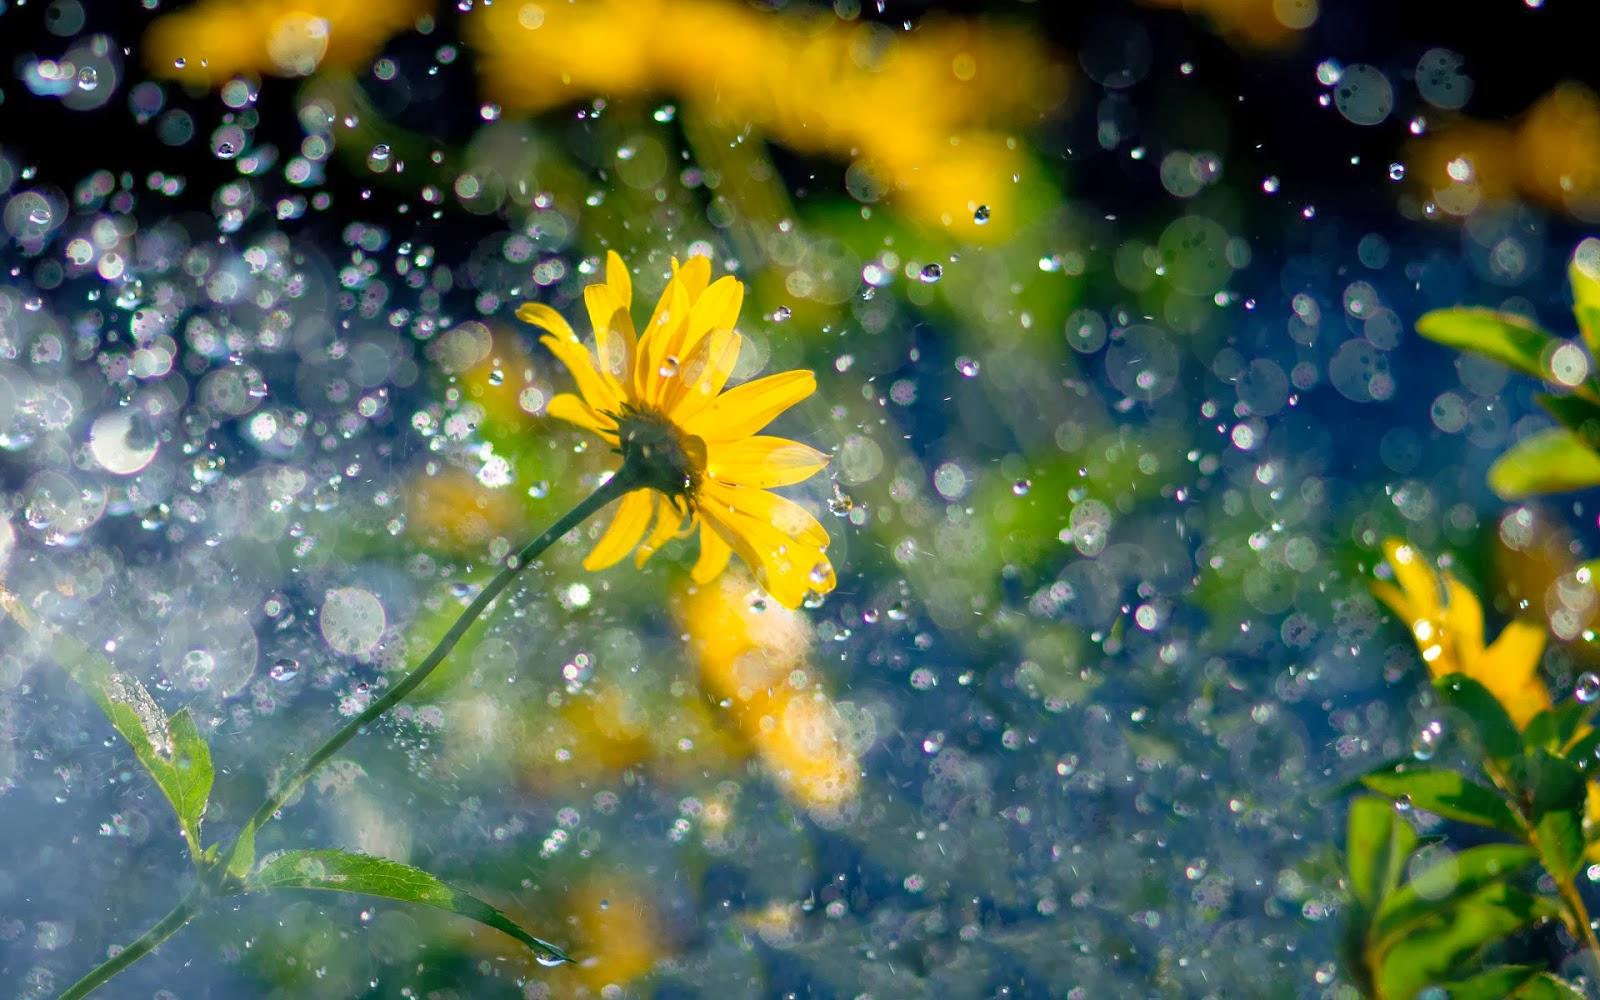 Regen Hd